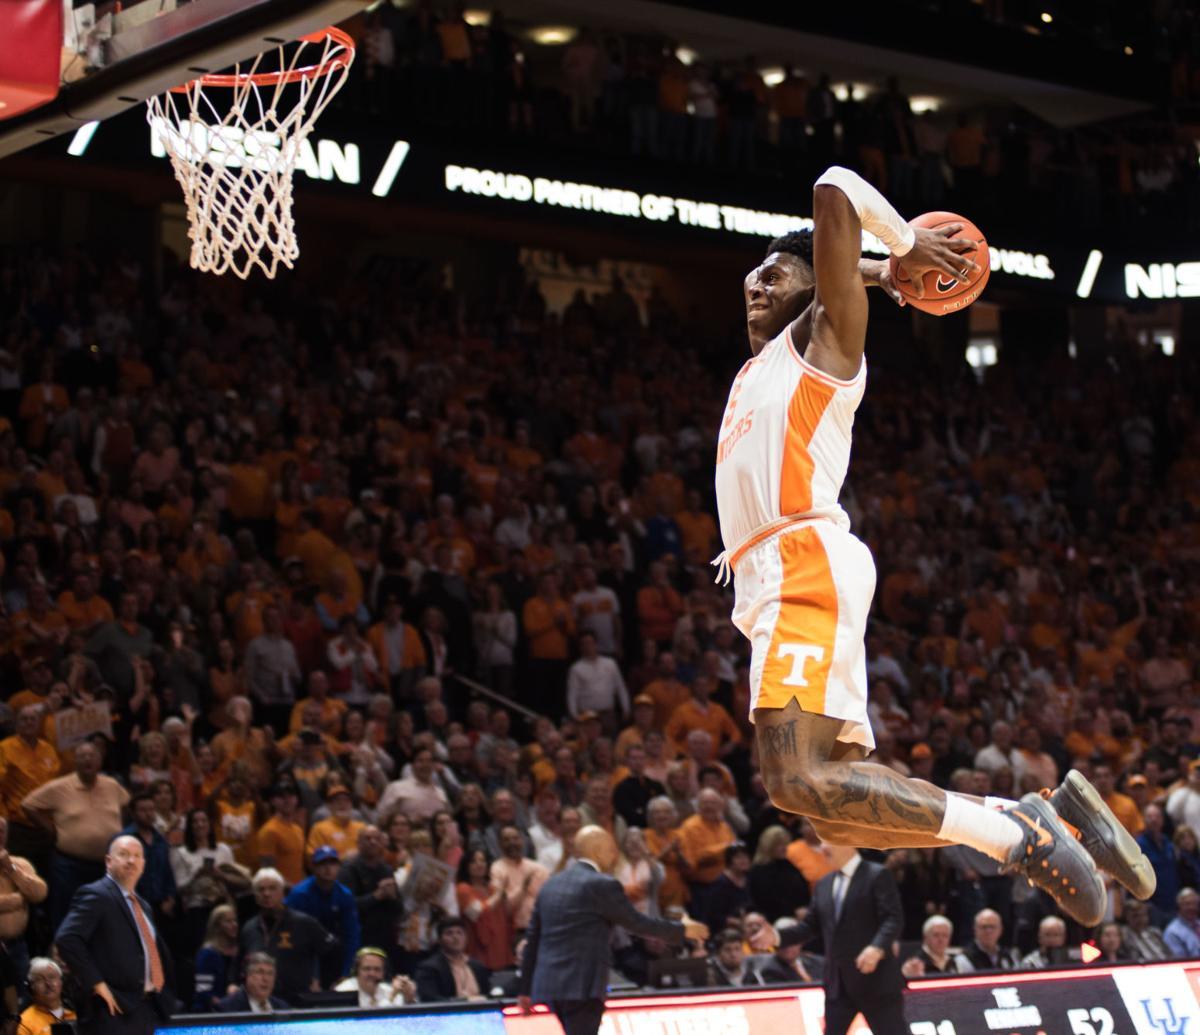 Men's Basketball vs. University of Kentucky